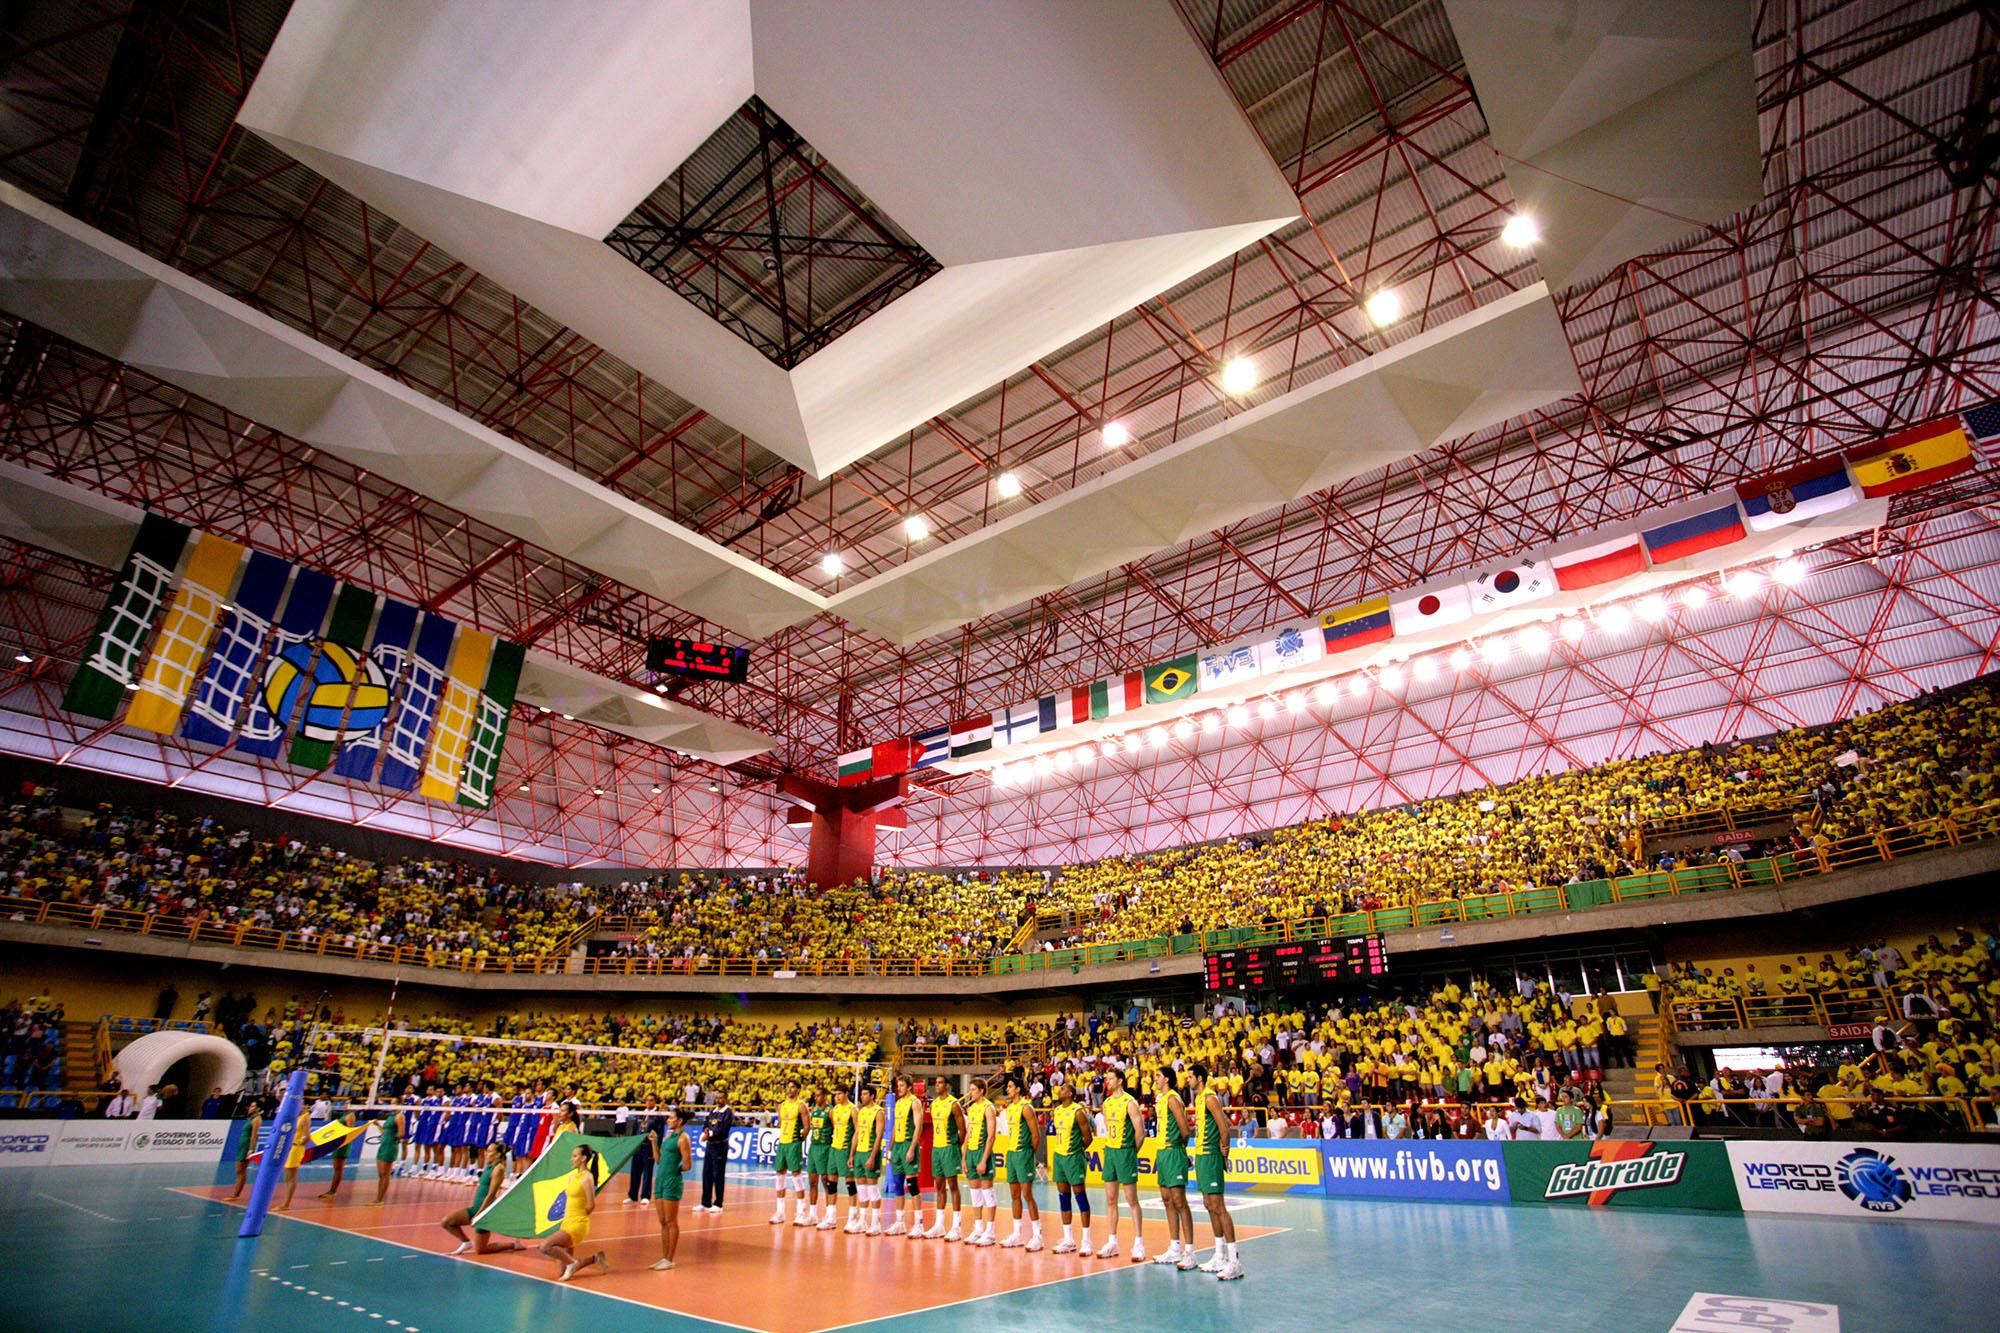 Credenciamento aberto para a Liga das Nações masculina de voleibol em Goiânia